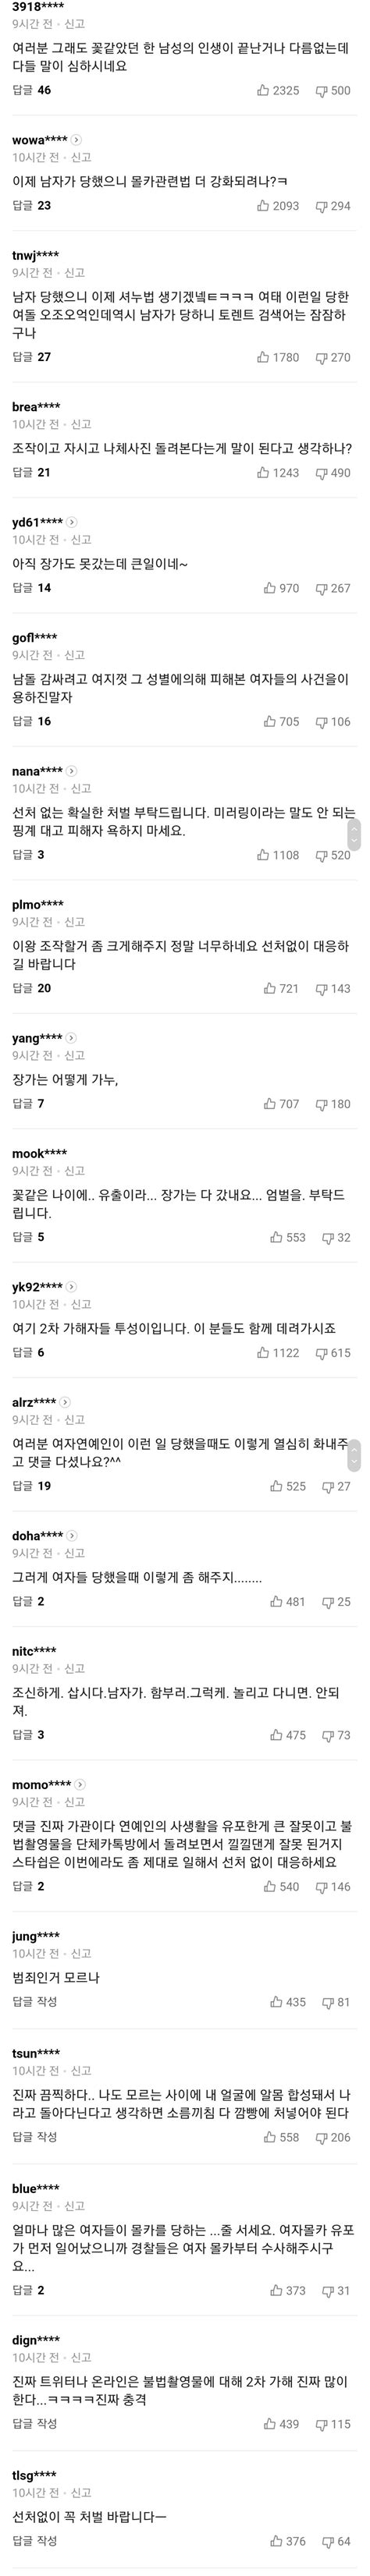 한국여자연애인누드연예인합성누드